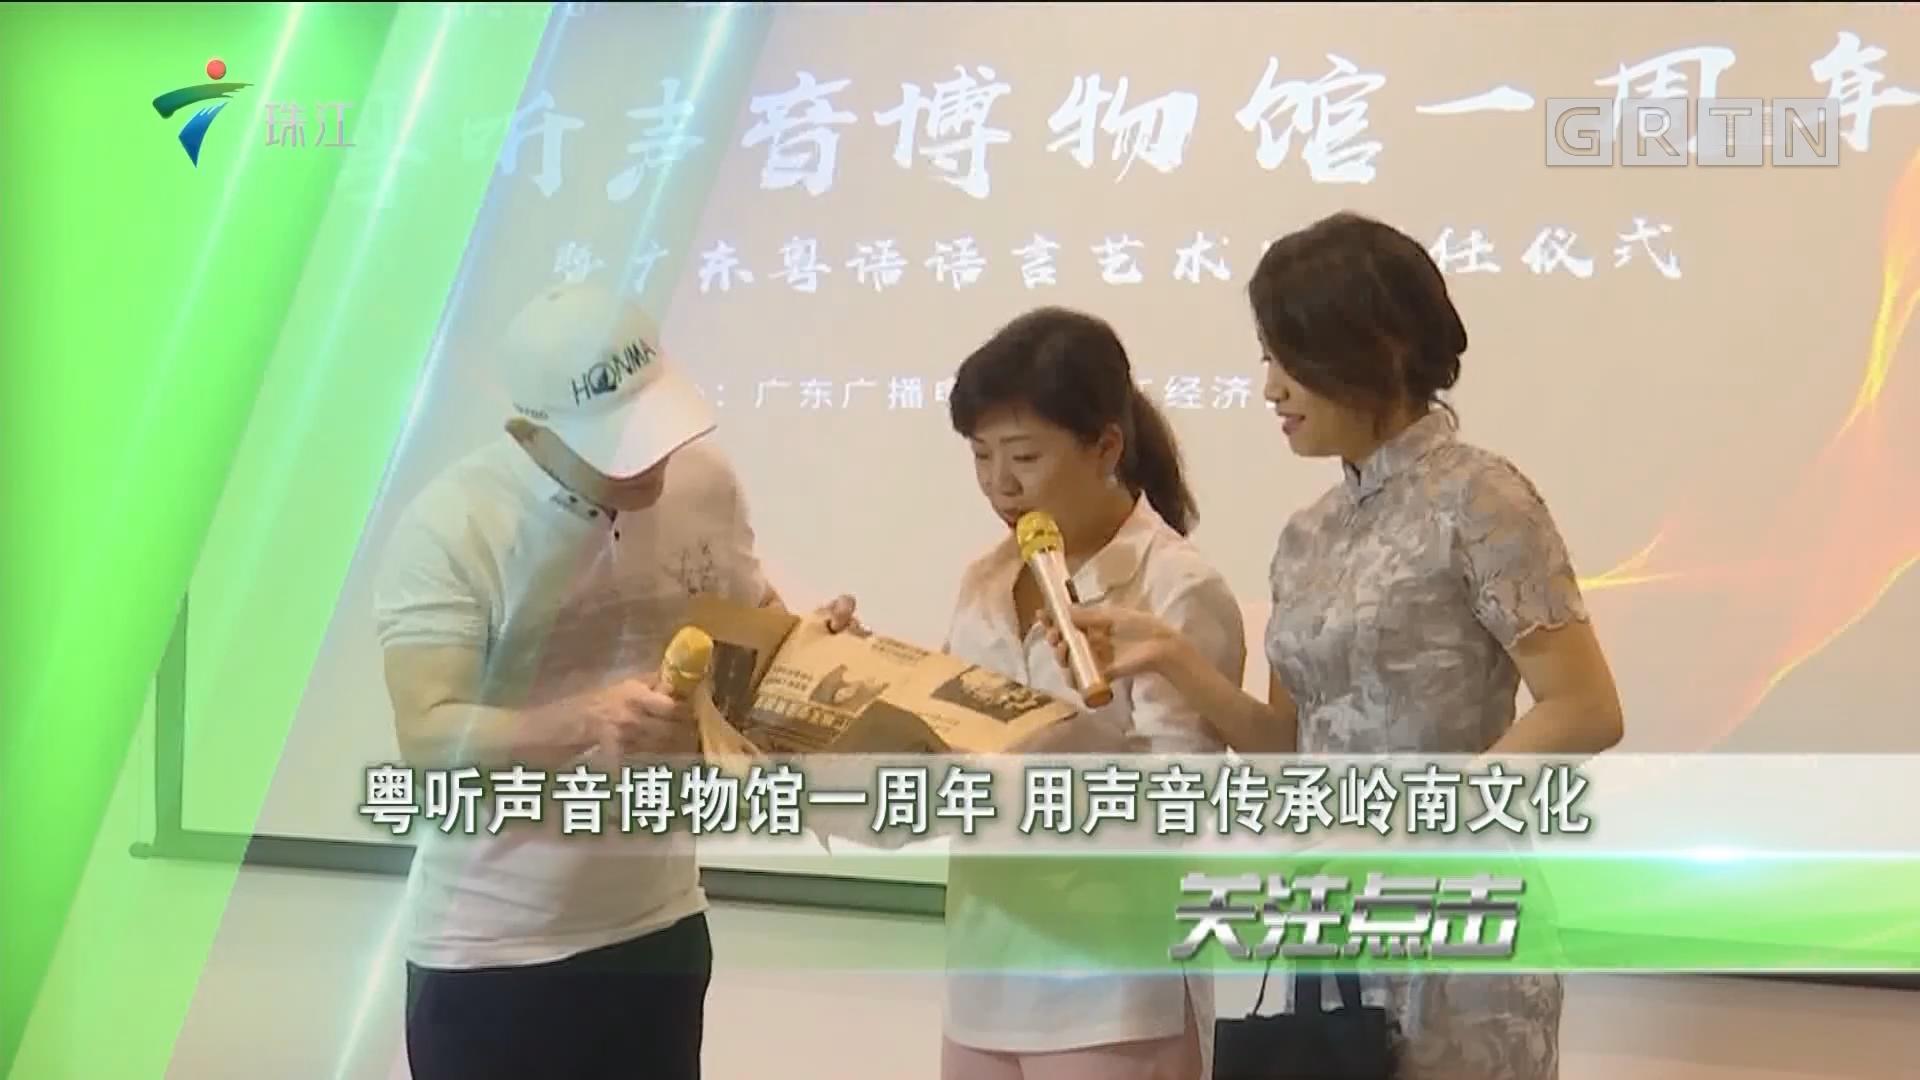 粤听声音博物馆一周年 用声音传承岭南文化